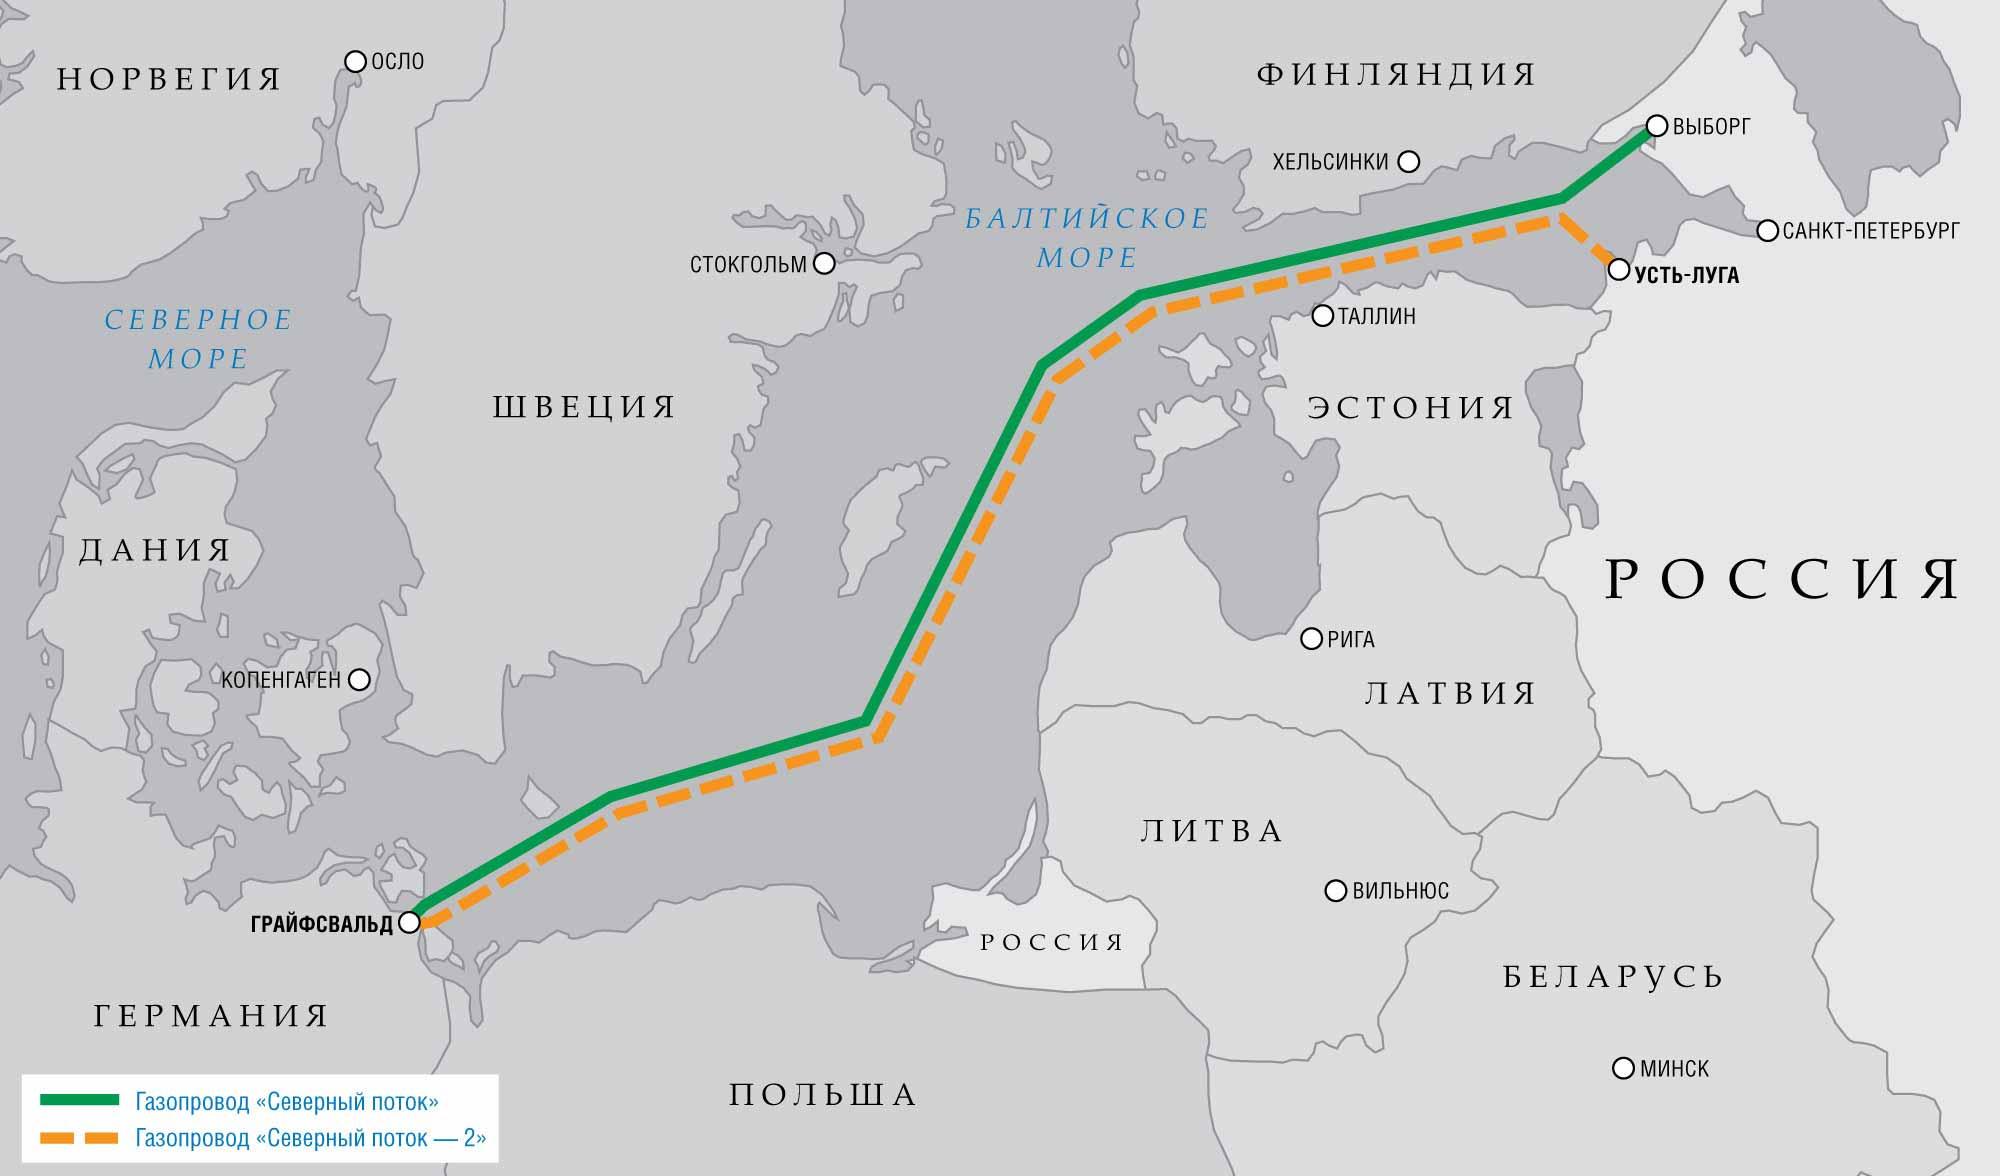 Вместо того, чтобы просить Германию прекратить строительство «Северного потока-2», мы должны были предложить создание глобального европейского газового хаба в Украине